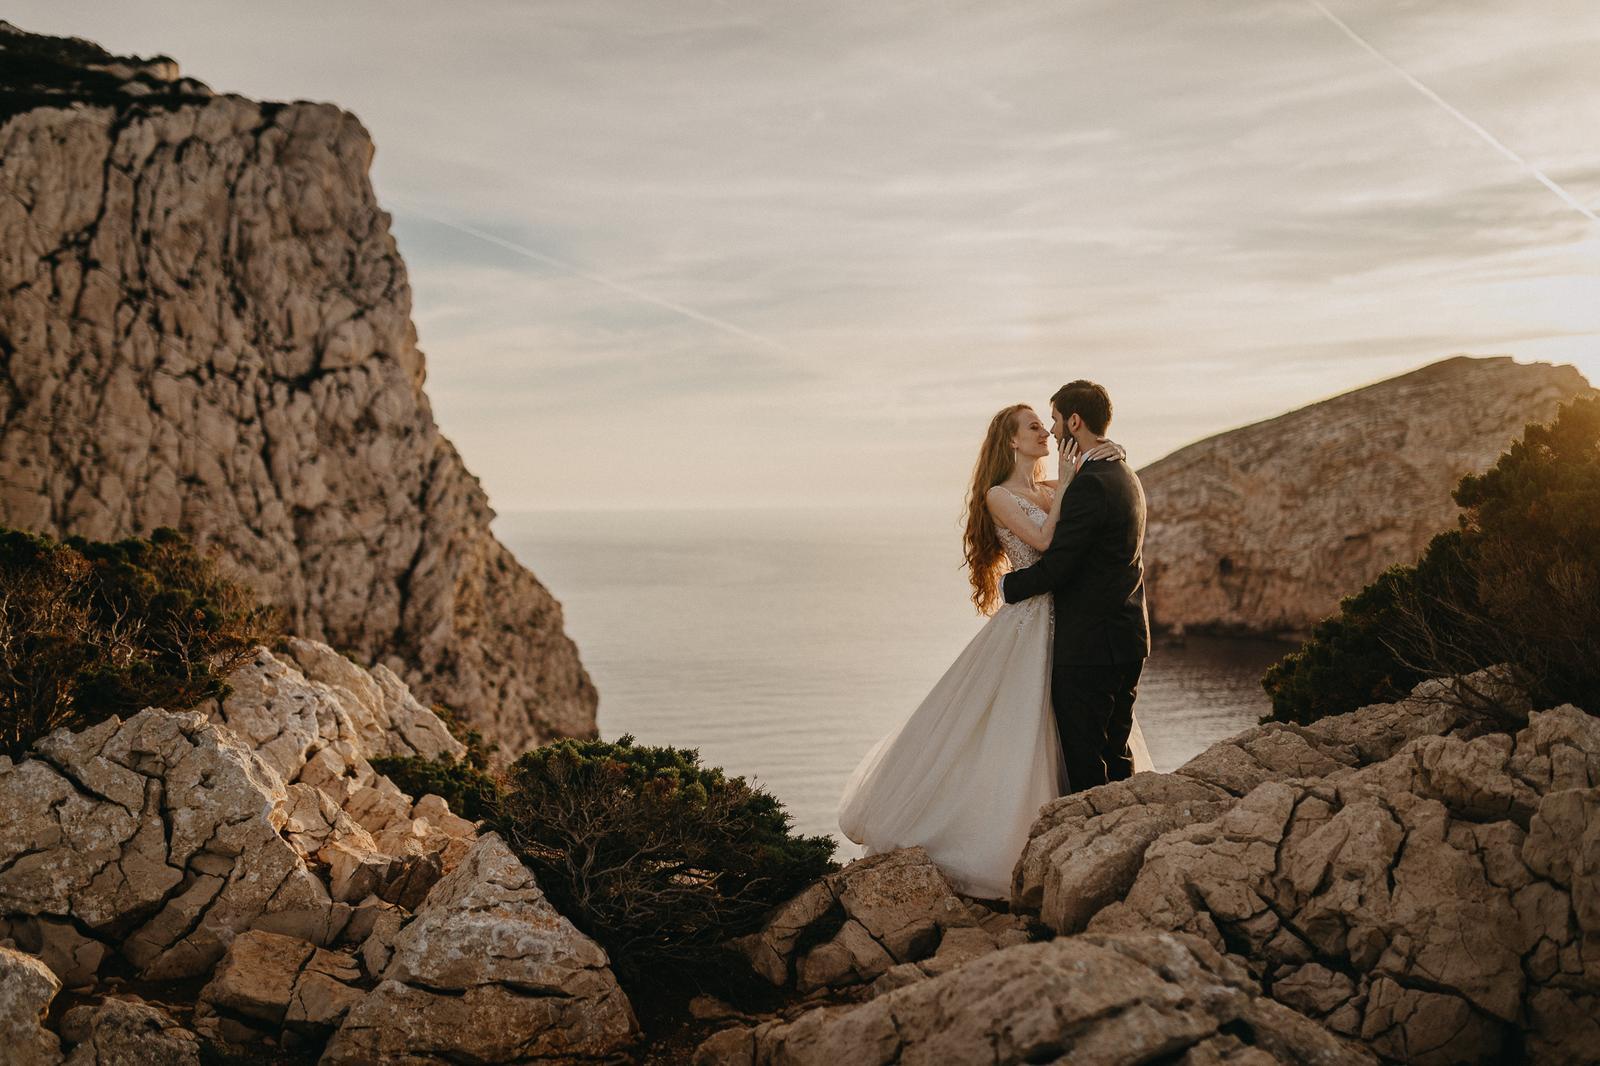 Naše svadobné fotenie na Sardínii - Obrázok č. 94